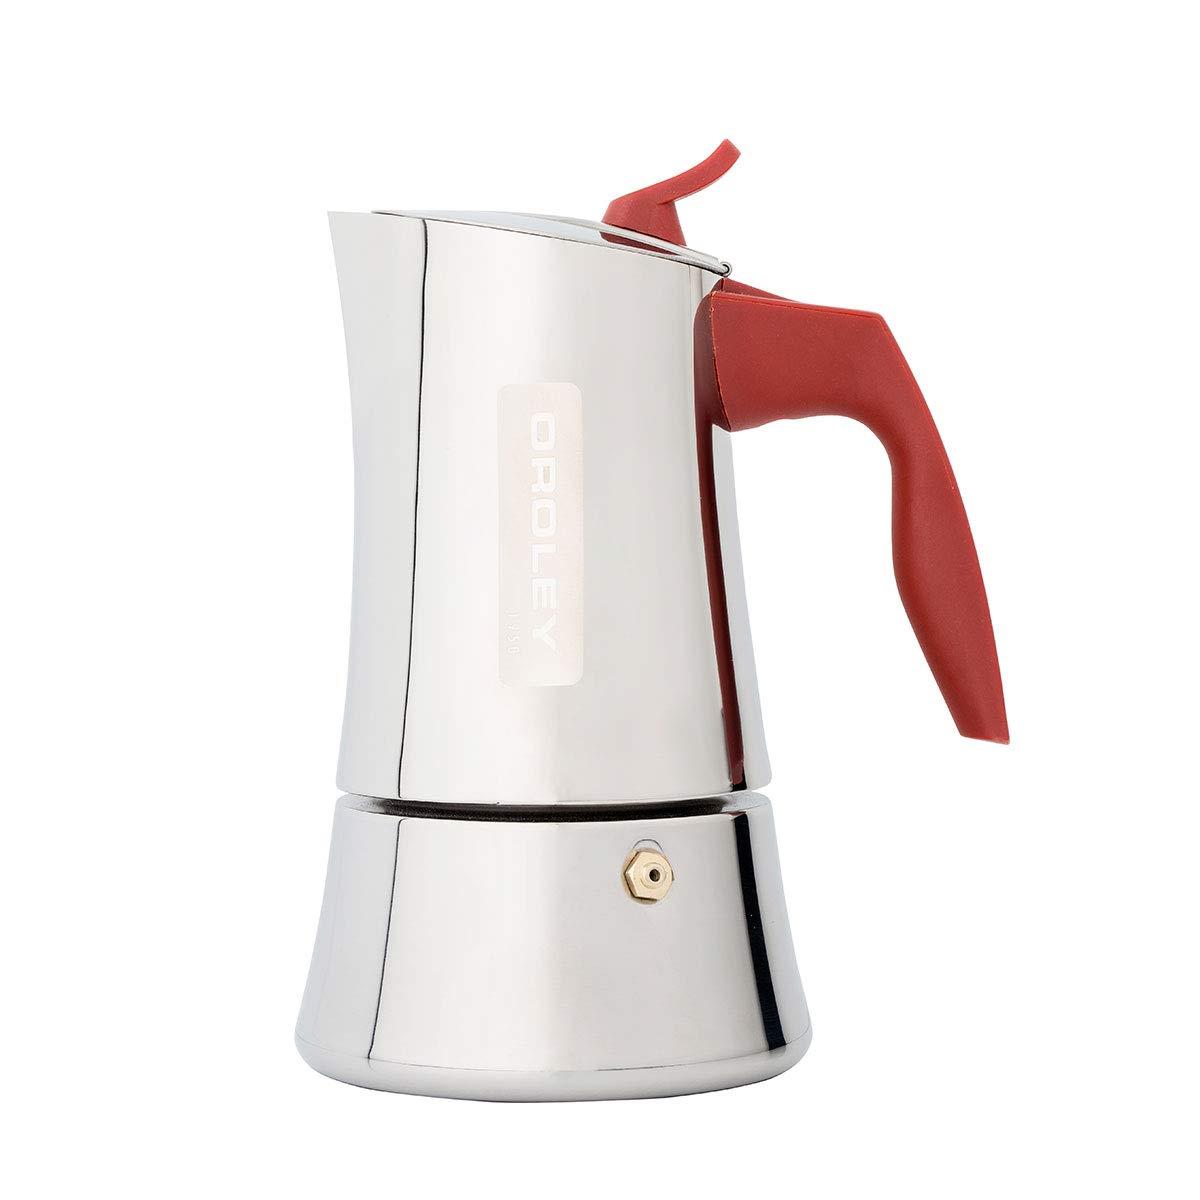 Oroley - Cafetera Italiana Inducción Stilla para Todo tipo de ...